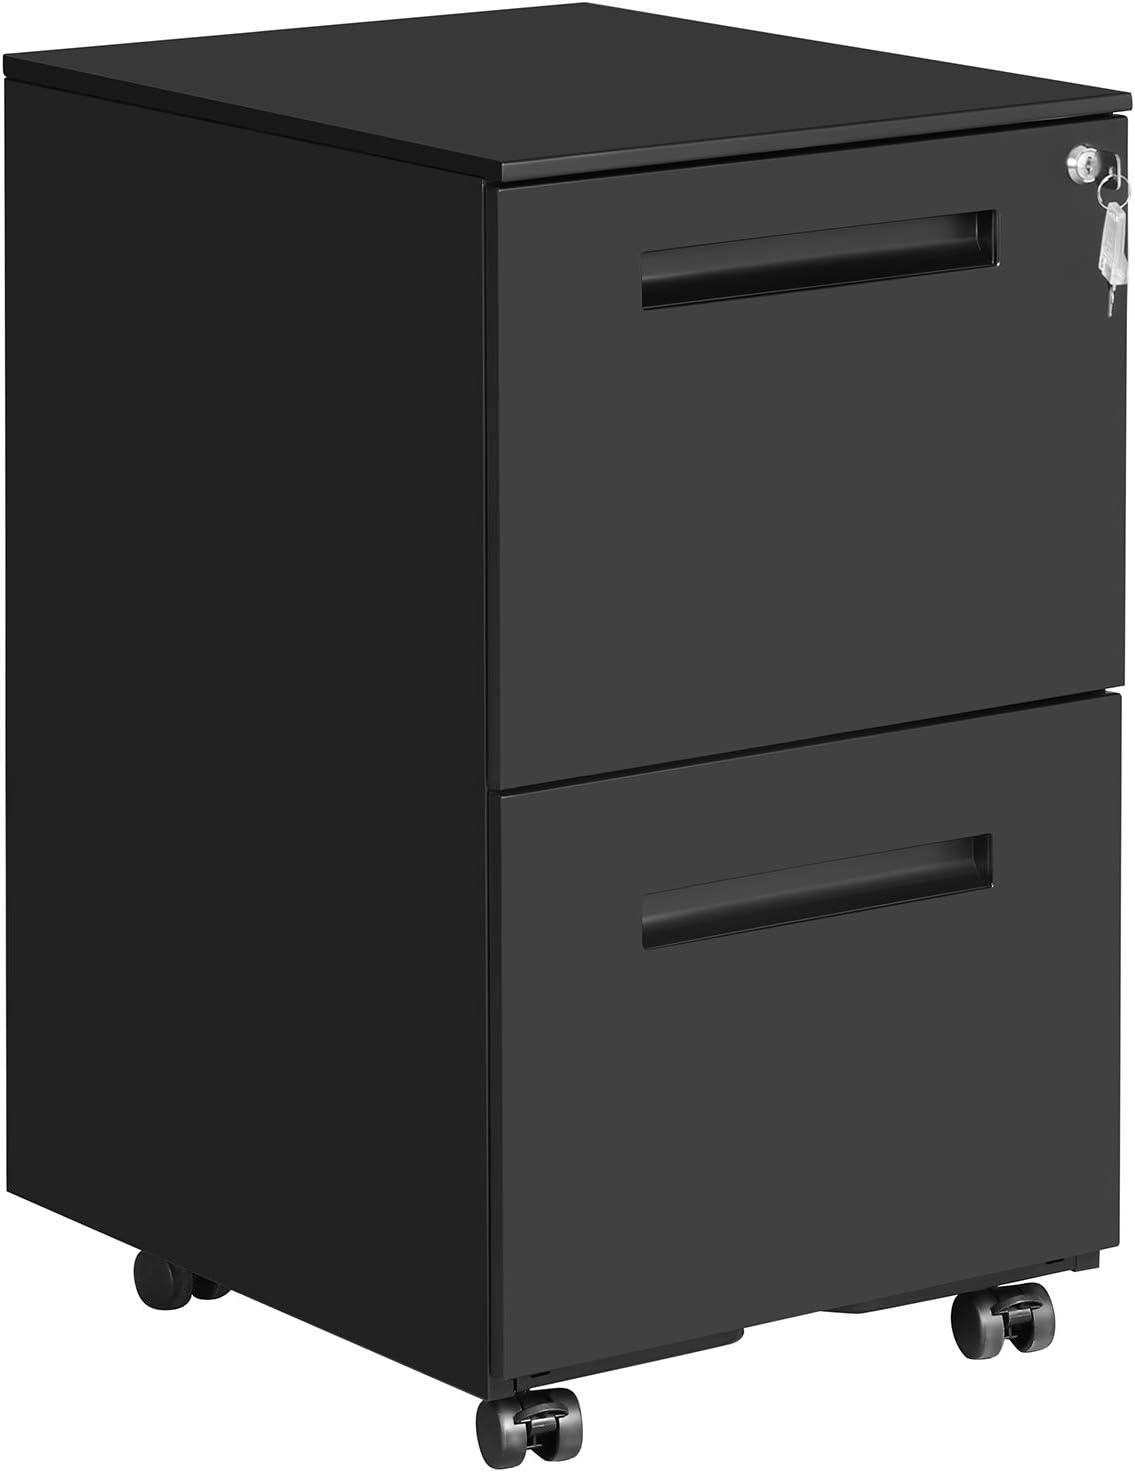 SONGMICS Caisson de Bureau Mobile, avec 2 Tiroirs, Verrouillable, pour Documents de Bureau, Dossiers Suspendus, Pré-Assemblage, 39 x 50 x 69,5 cm (L x l x H), Noir Mat OFC52BK